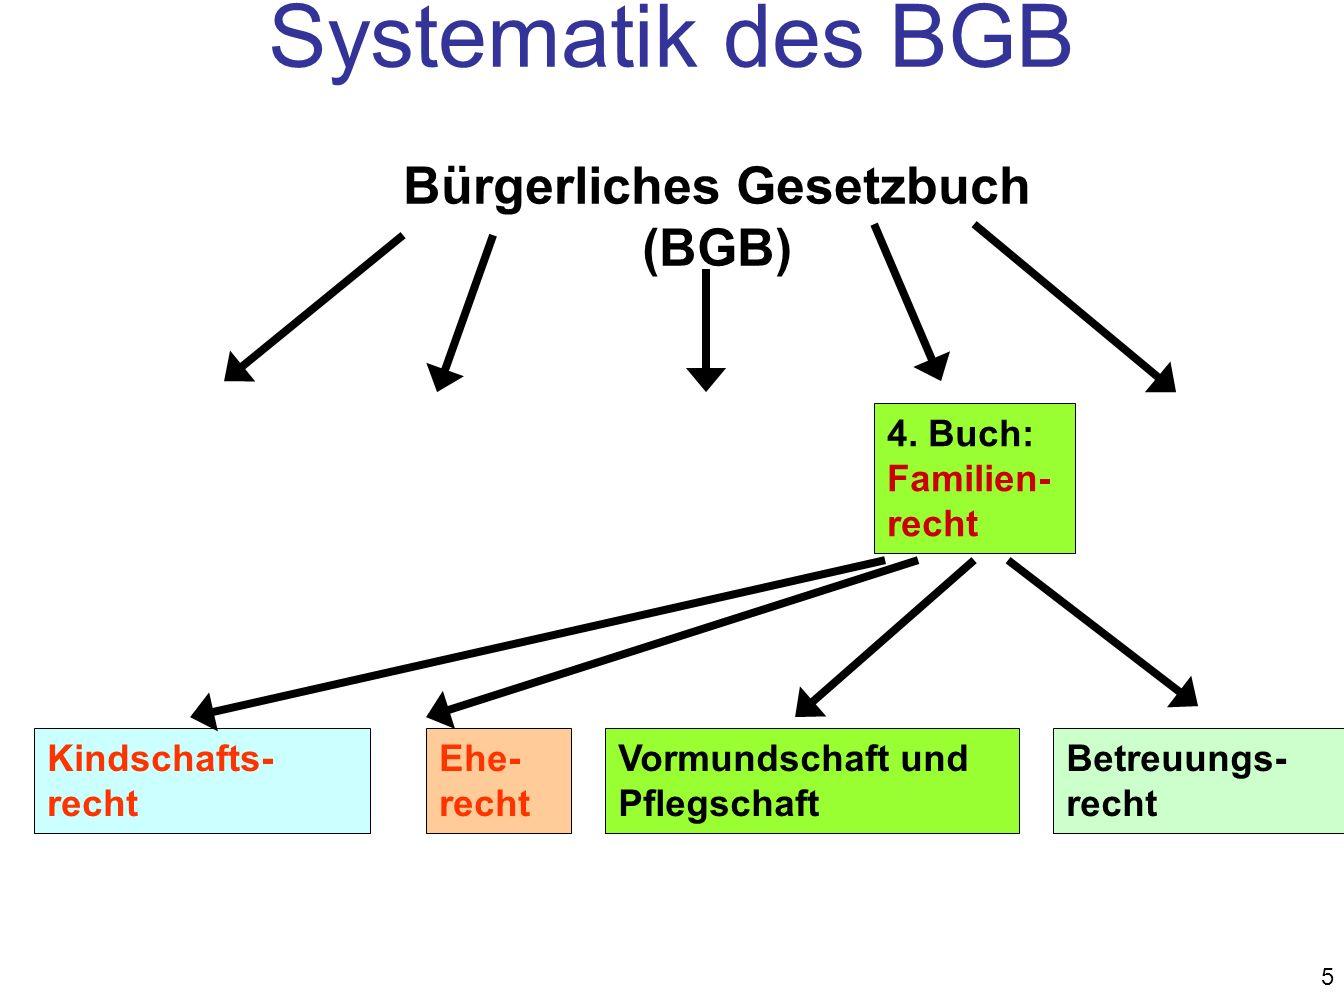 5 4. Buch: Familien- recht Kindschafts- recht Ehe- recht Vormundschaft und Pflegschaft Betreuungs- recht Bürgerliches Gesetzbuch (BGB) Systematik des